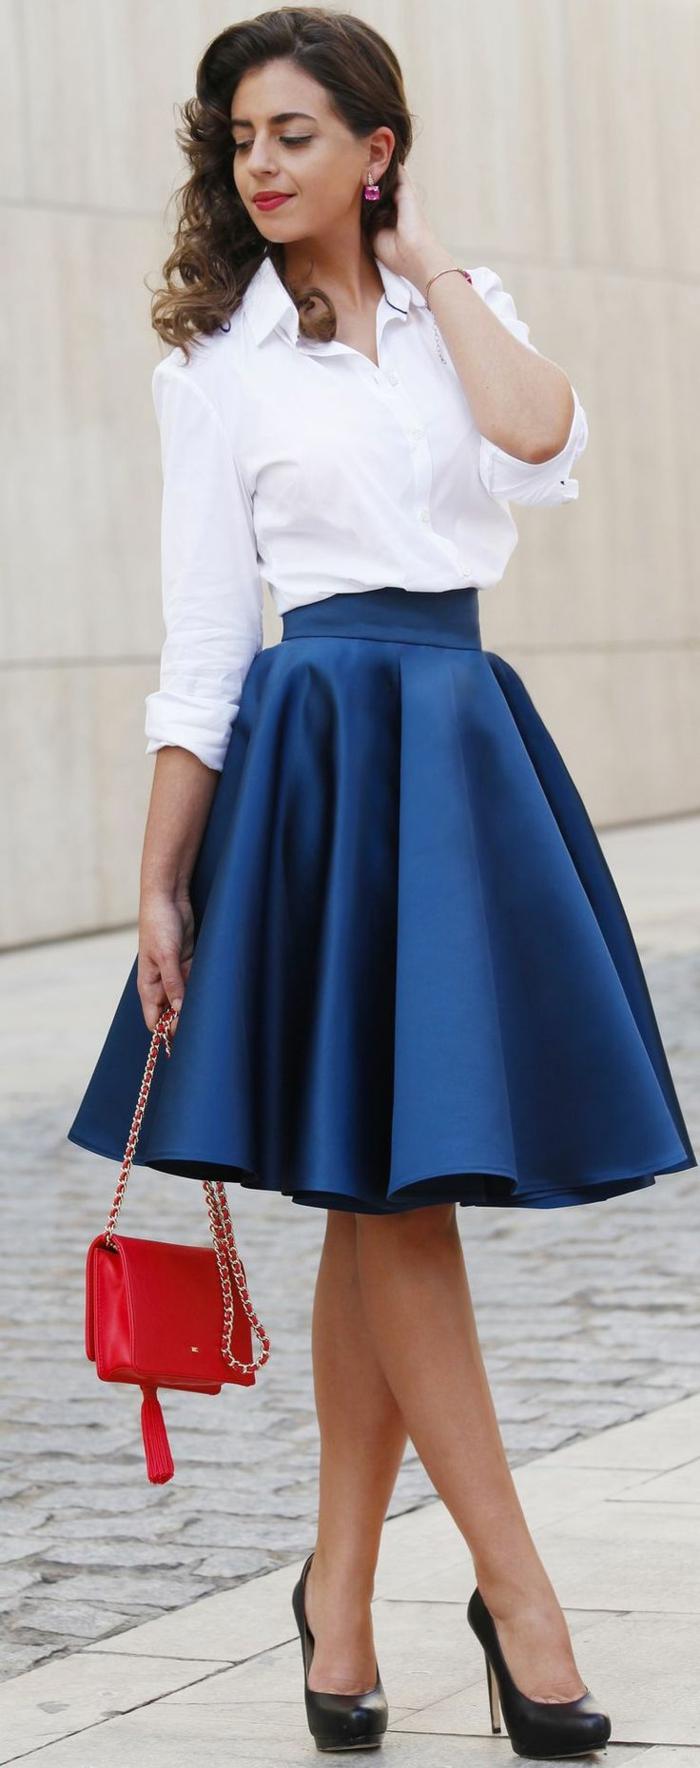 chemise blanche femme et jupe bleue